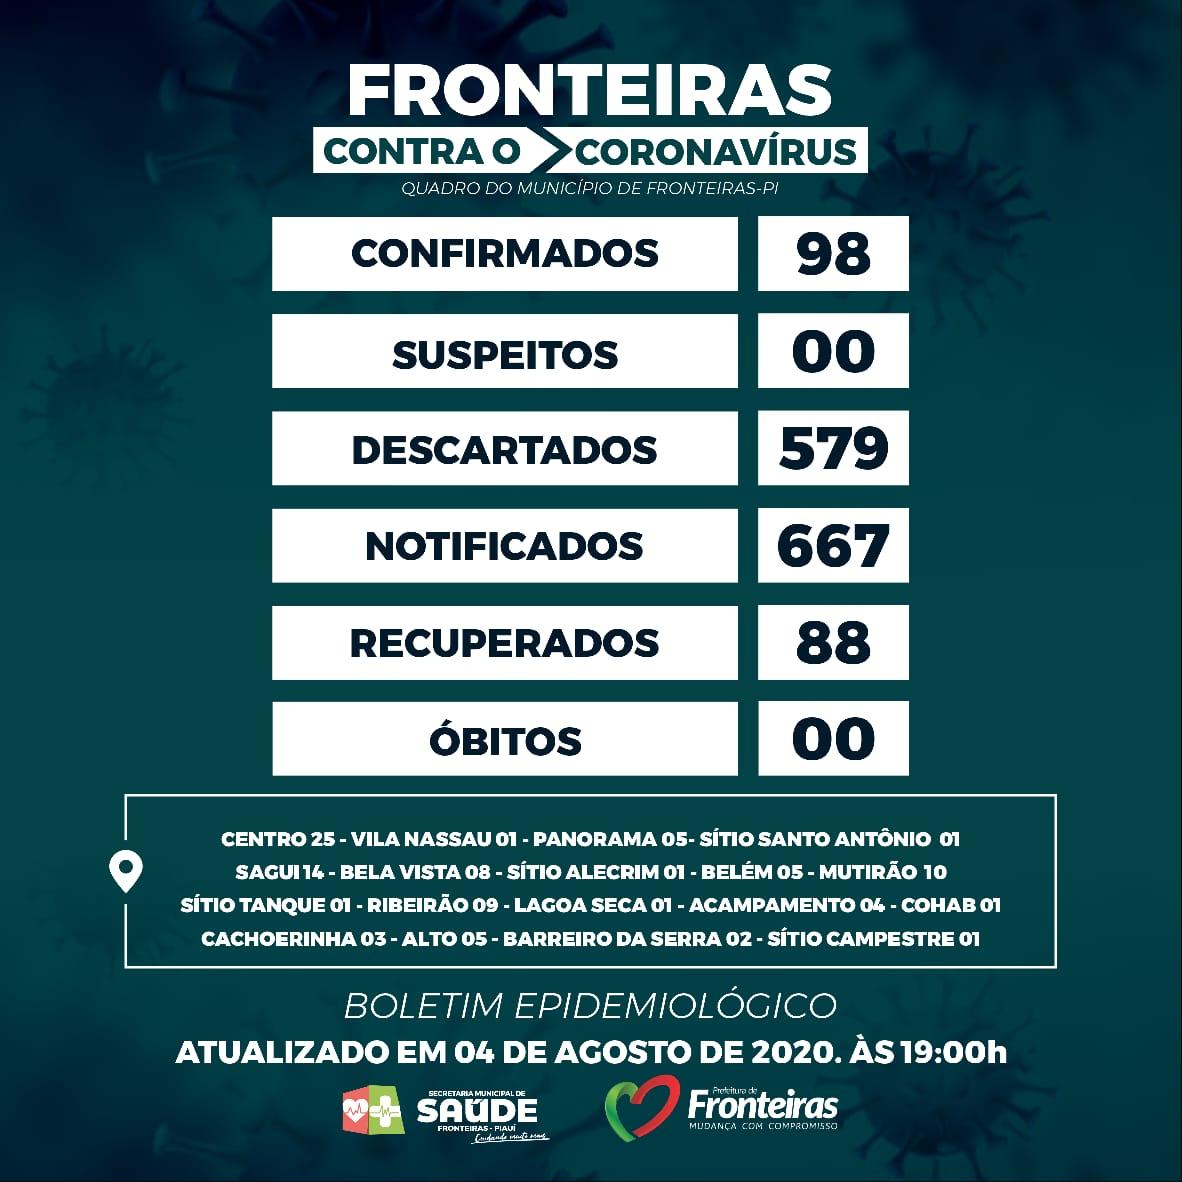 FRONTEIRAS (PI) - BOLETIM EPIDEMIOLÓGICO DE 04/08/2020